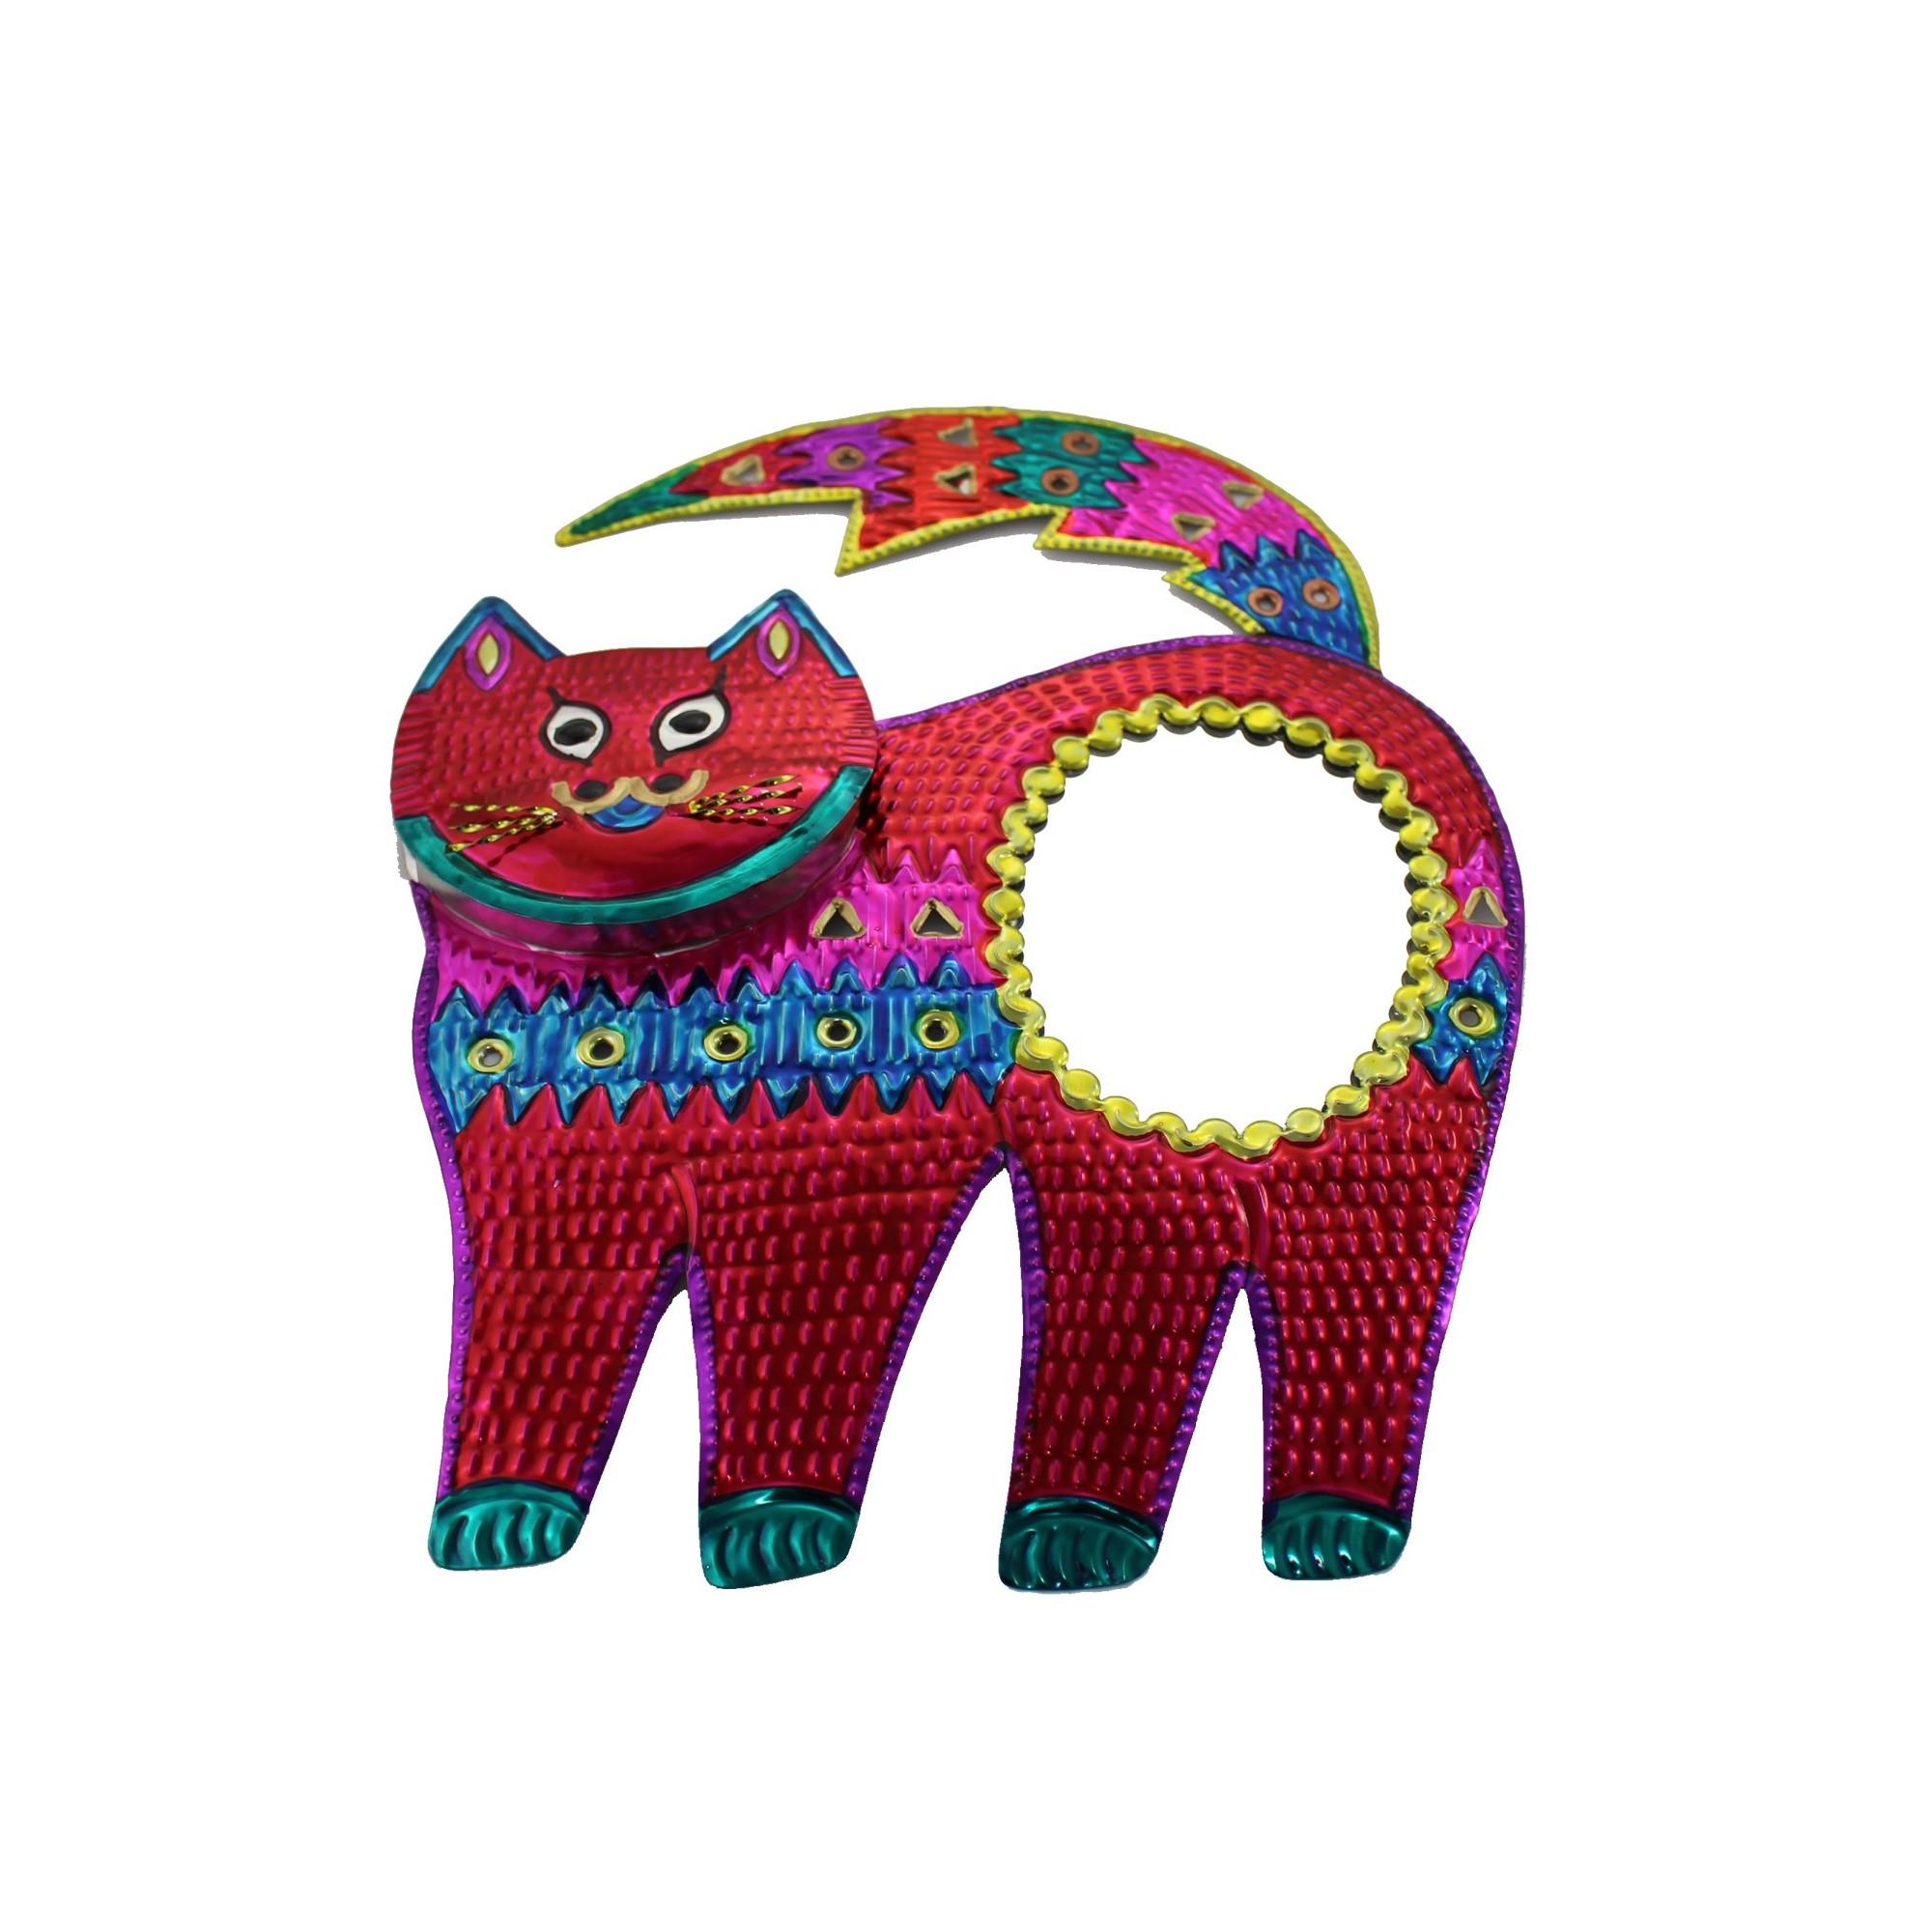 Wanddeko deko wandspiegel katze rot kaufen - Deko wandspiegel ...